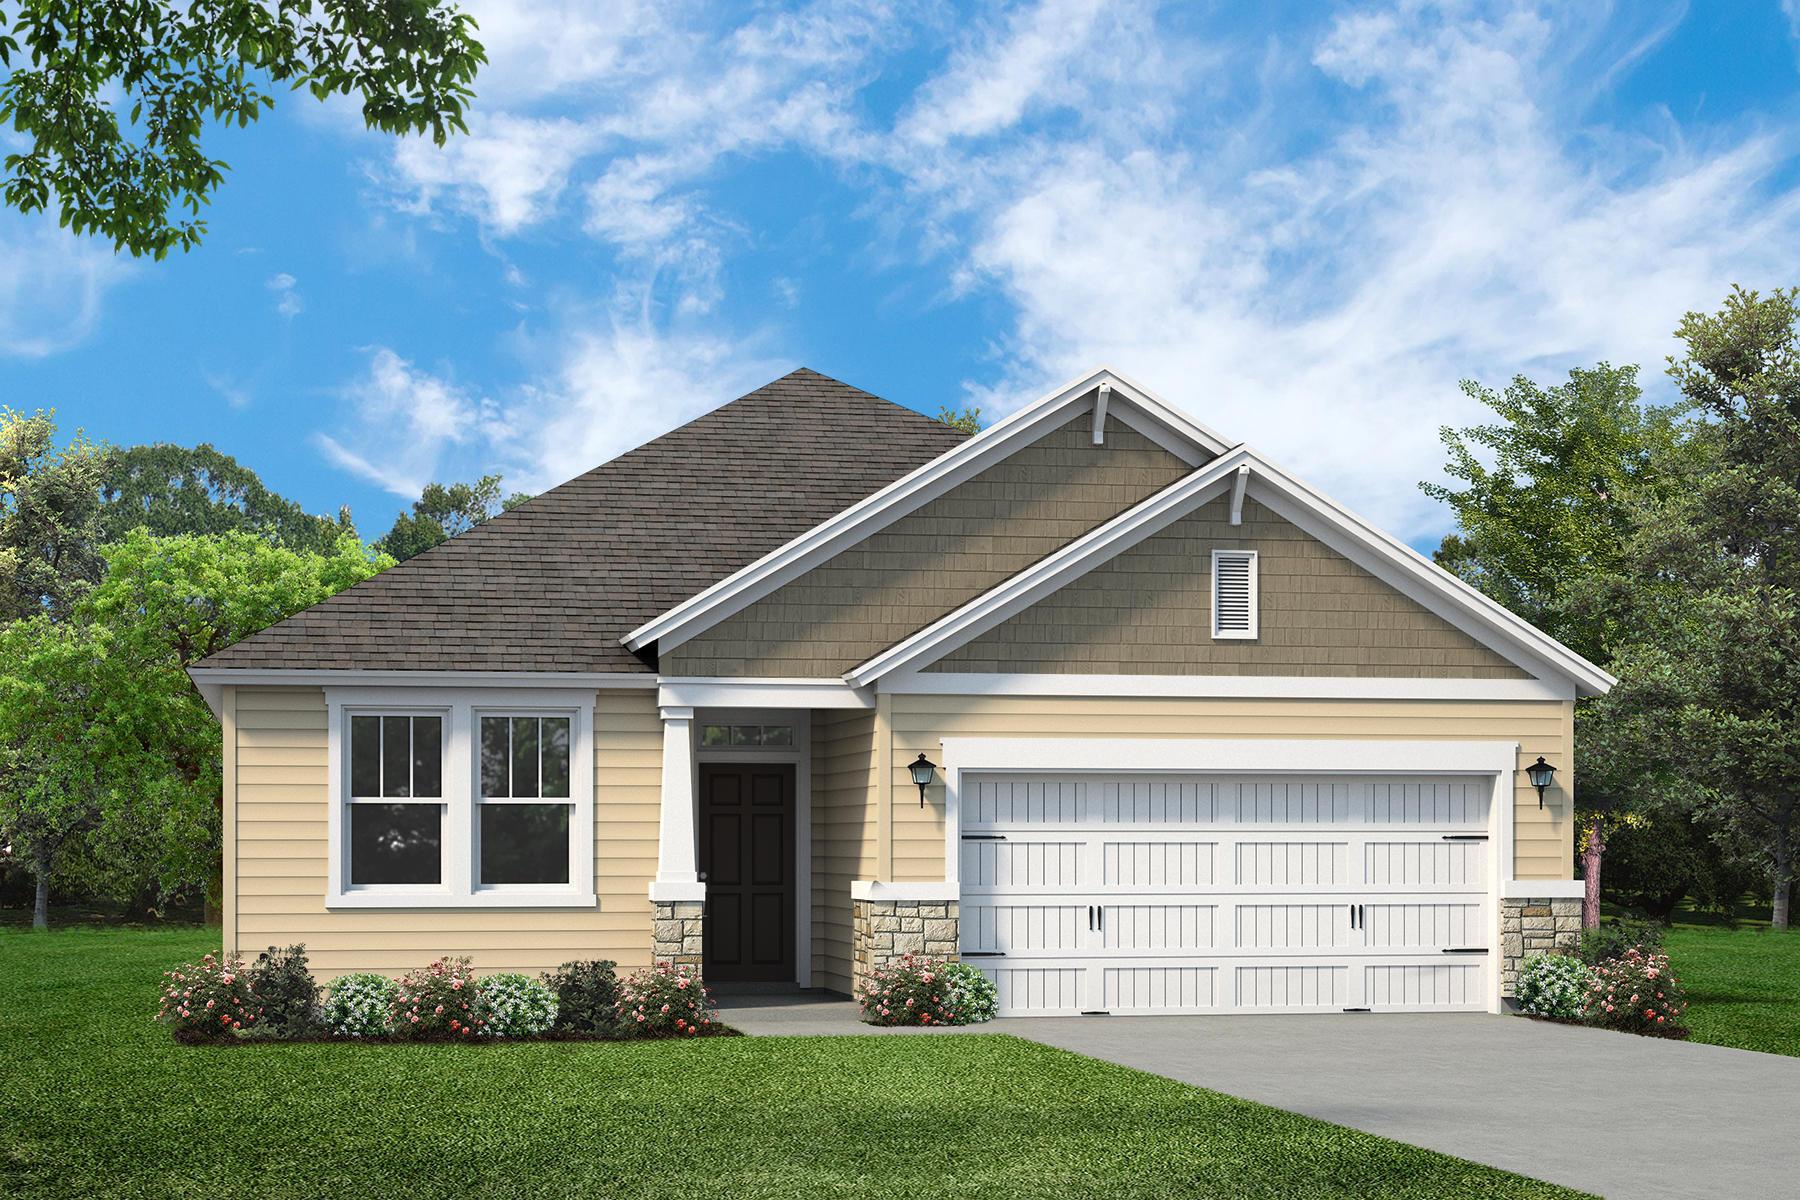 Lincolnville Square Homes For Sale - 702 Mason, Lincolnville, SC - 1